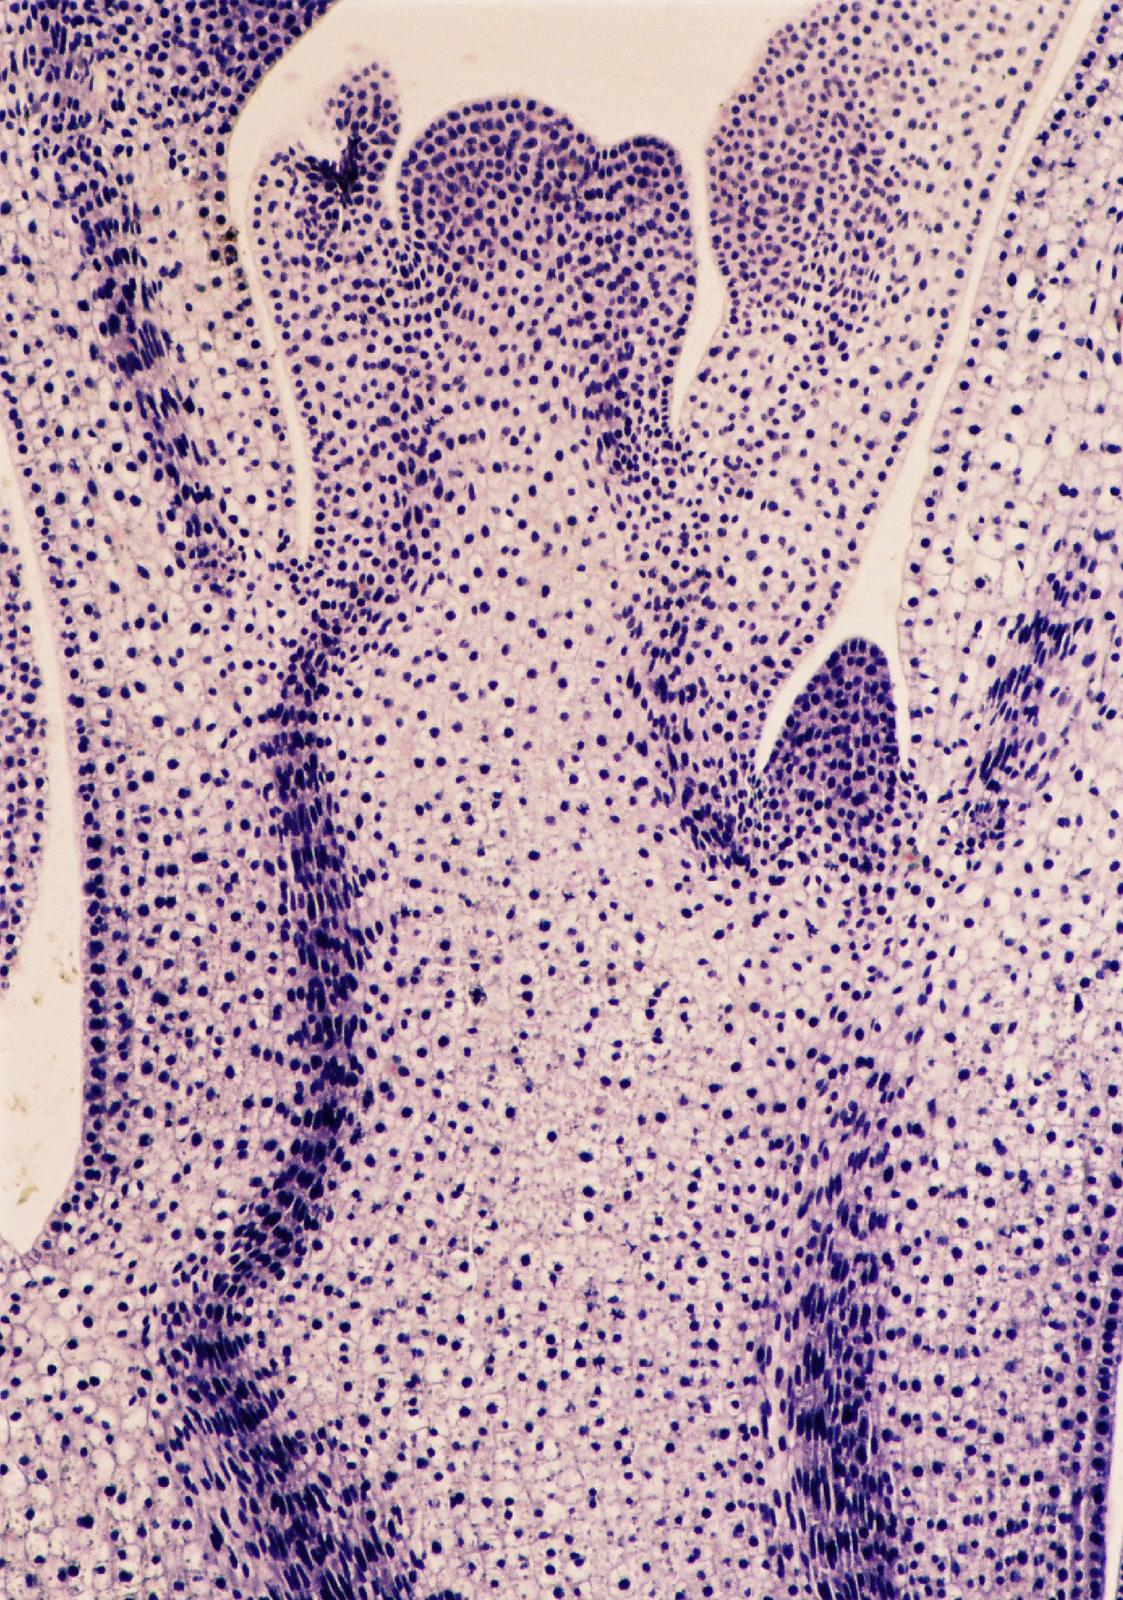 Mikrofotografia przedstawiajaca przekrój podłużny przez stożek wzrostu pędu. Komórki zabrwione na fioletowo, cienkościenne odużych jądrach.